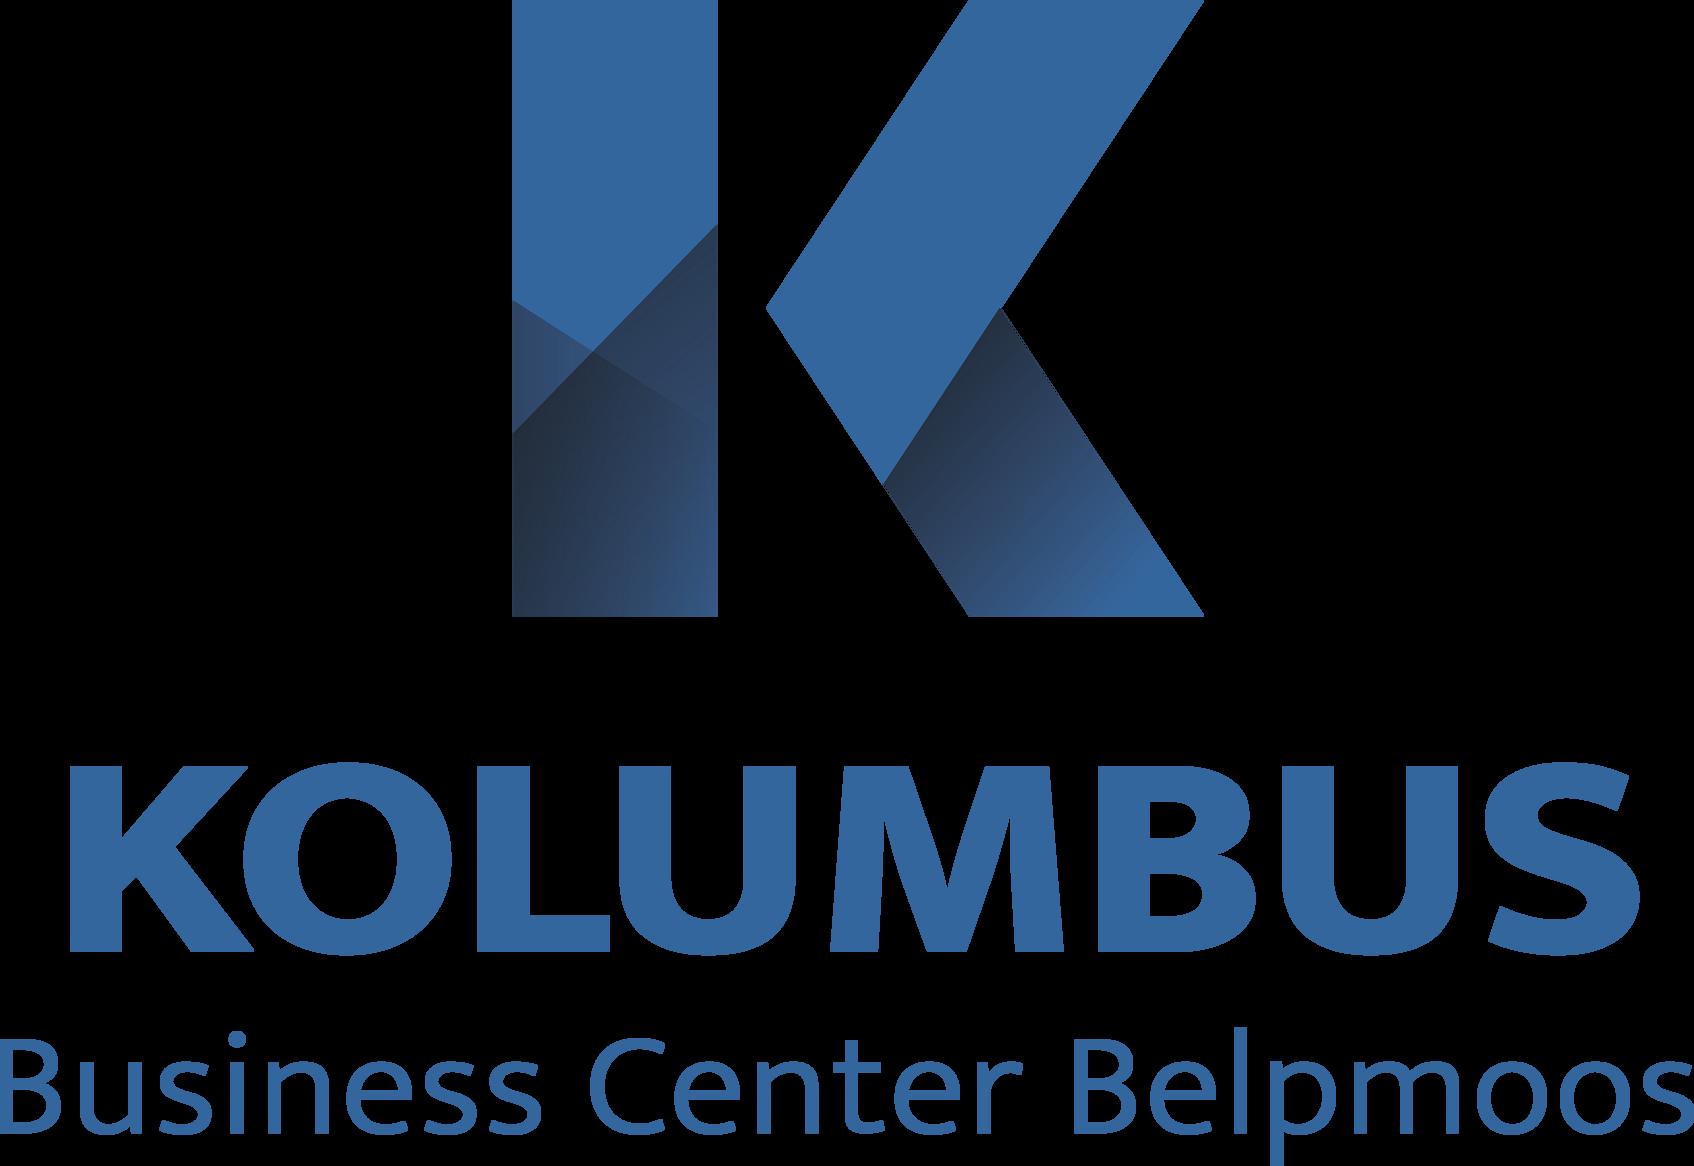 Kolumbus Business Center Belpmoos